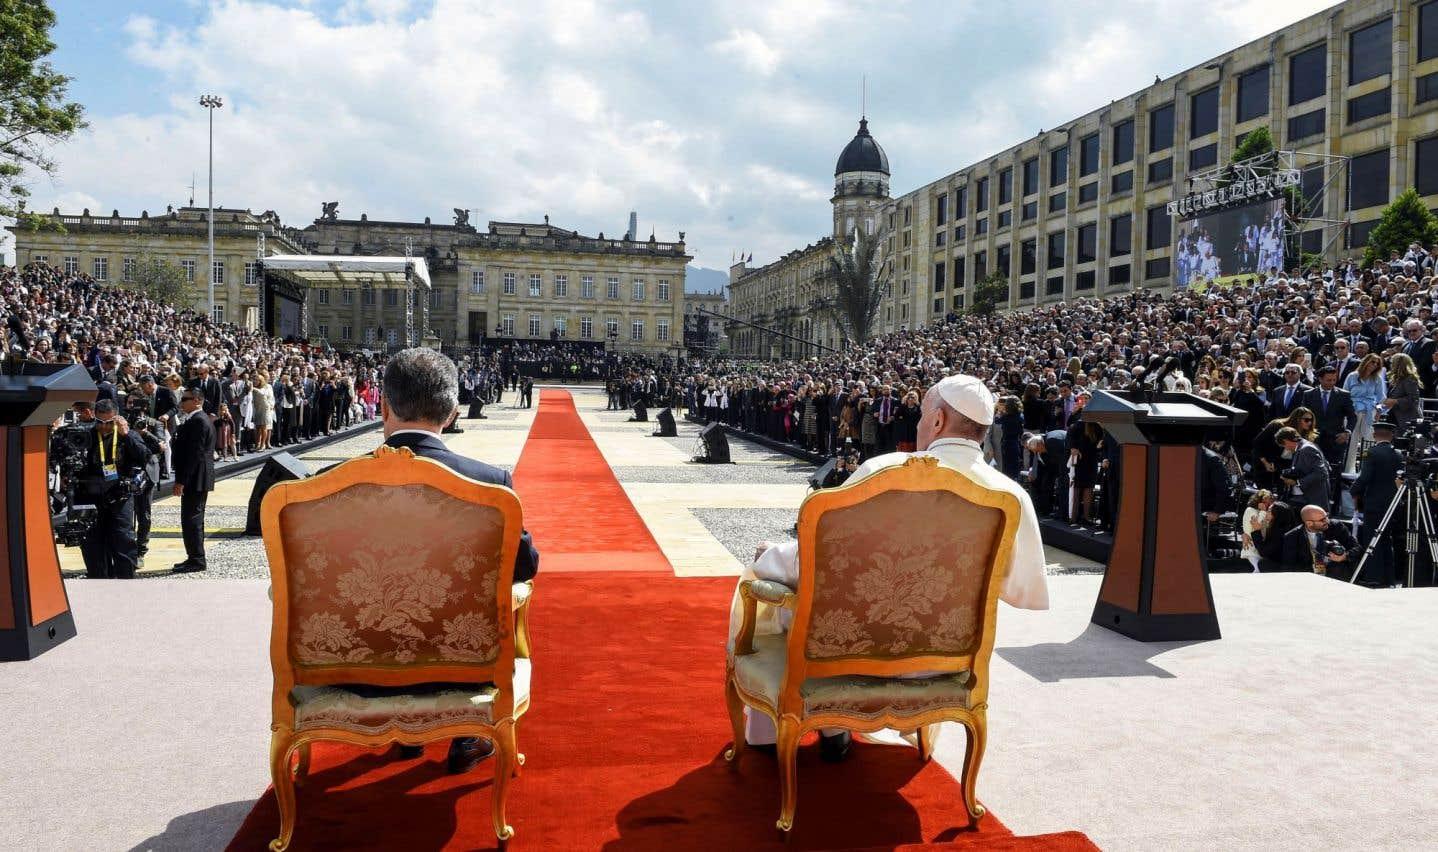 Le pape François et le président colombien Juan Manuel Santos sont assis devant le palais présidentiel à Bogotá lors d'une cérémonie, jeudi.